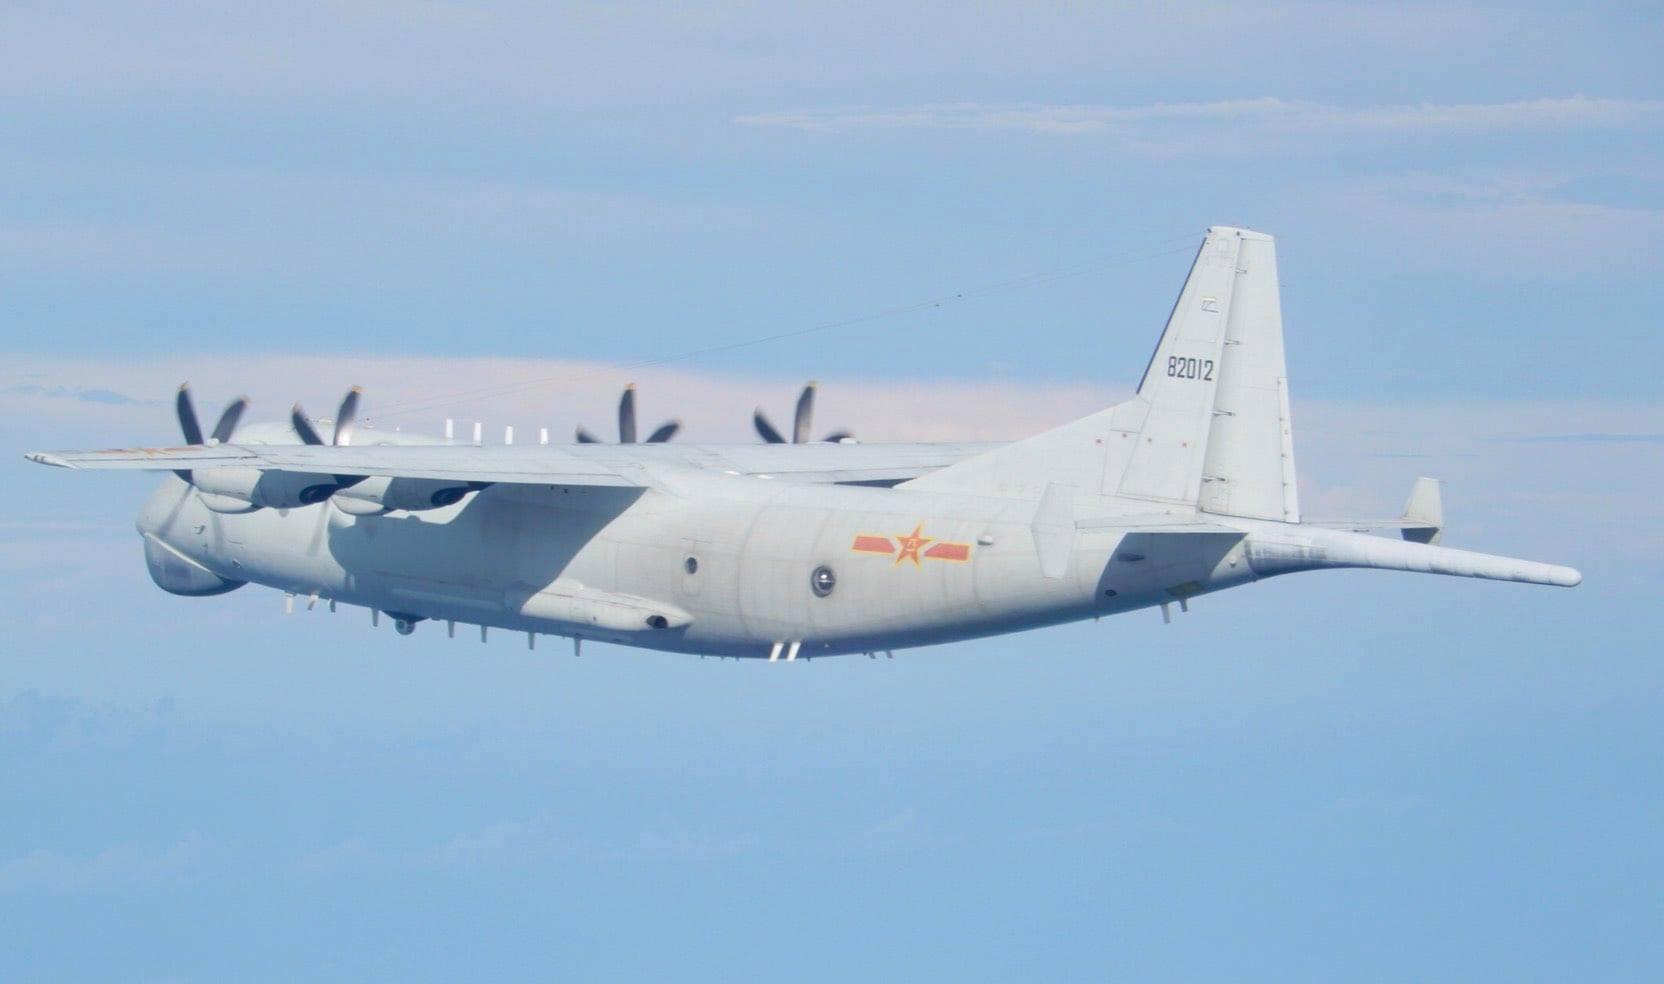 解放军军机再回话:台湾飞机 不要干扰我正常行动图片